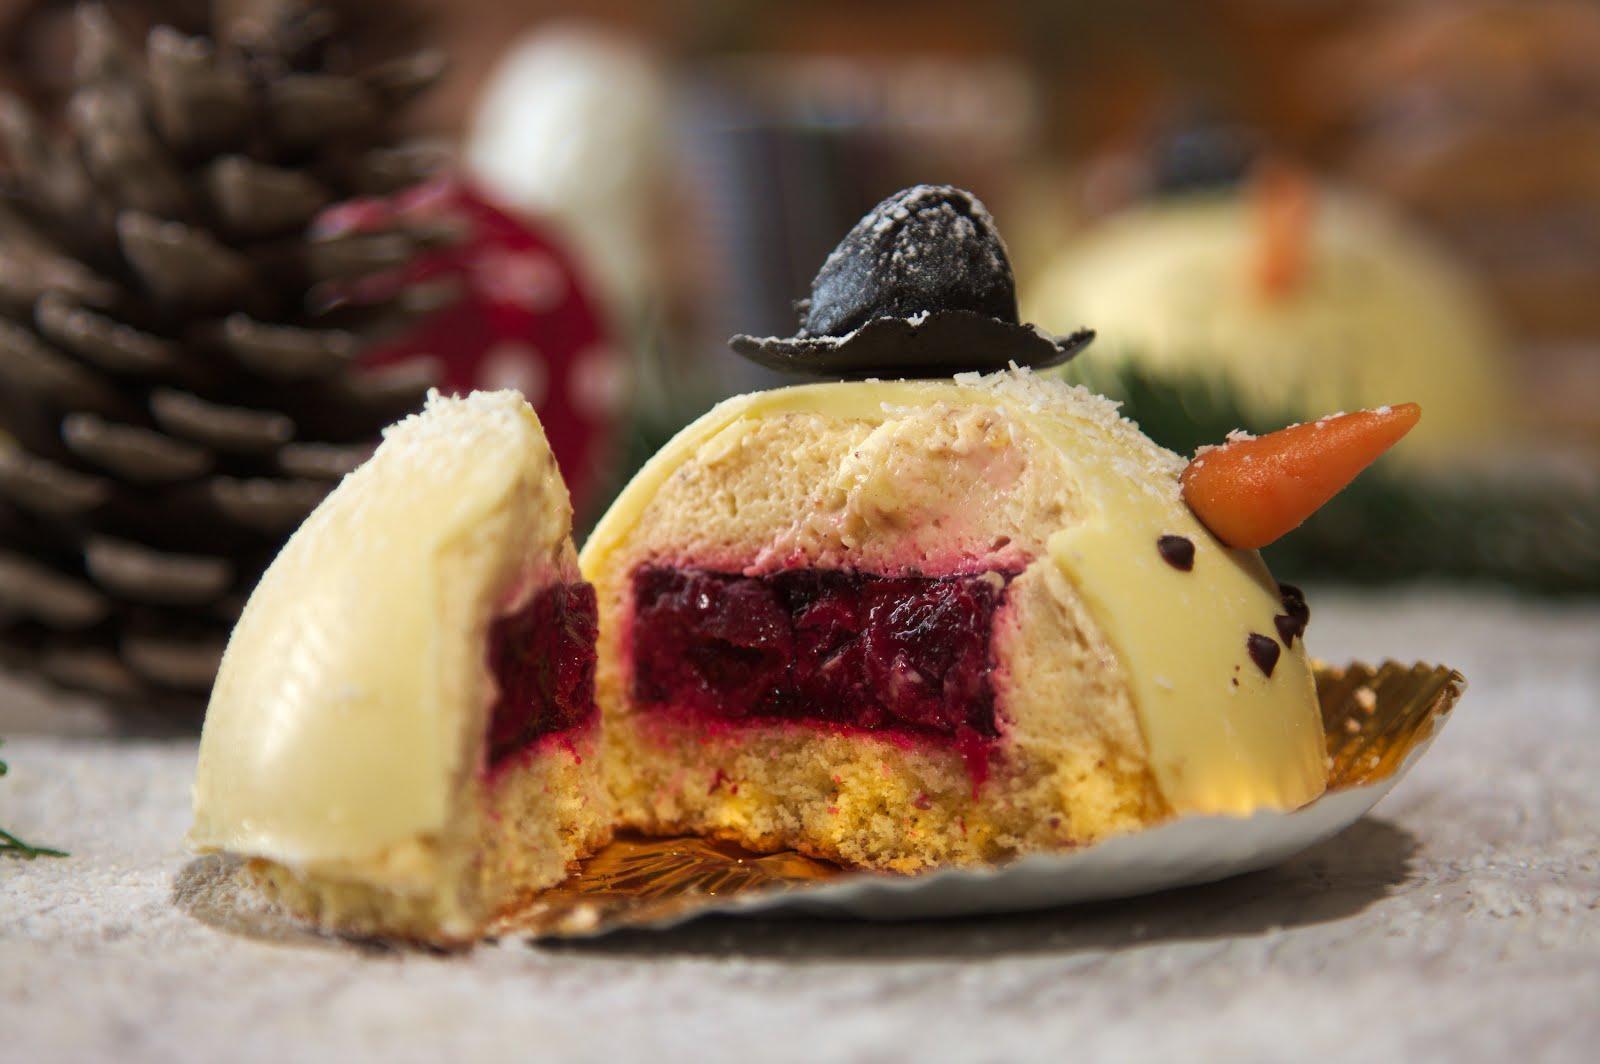 Schneemann Dessert von Experimentelle Cuisine